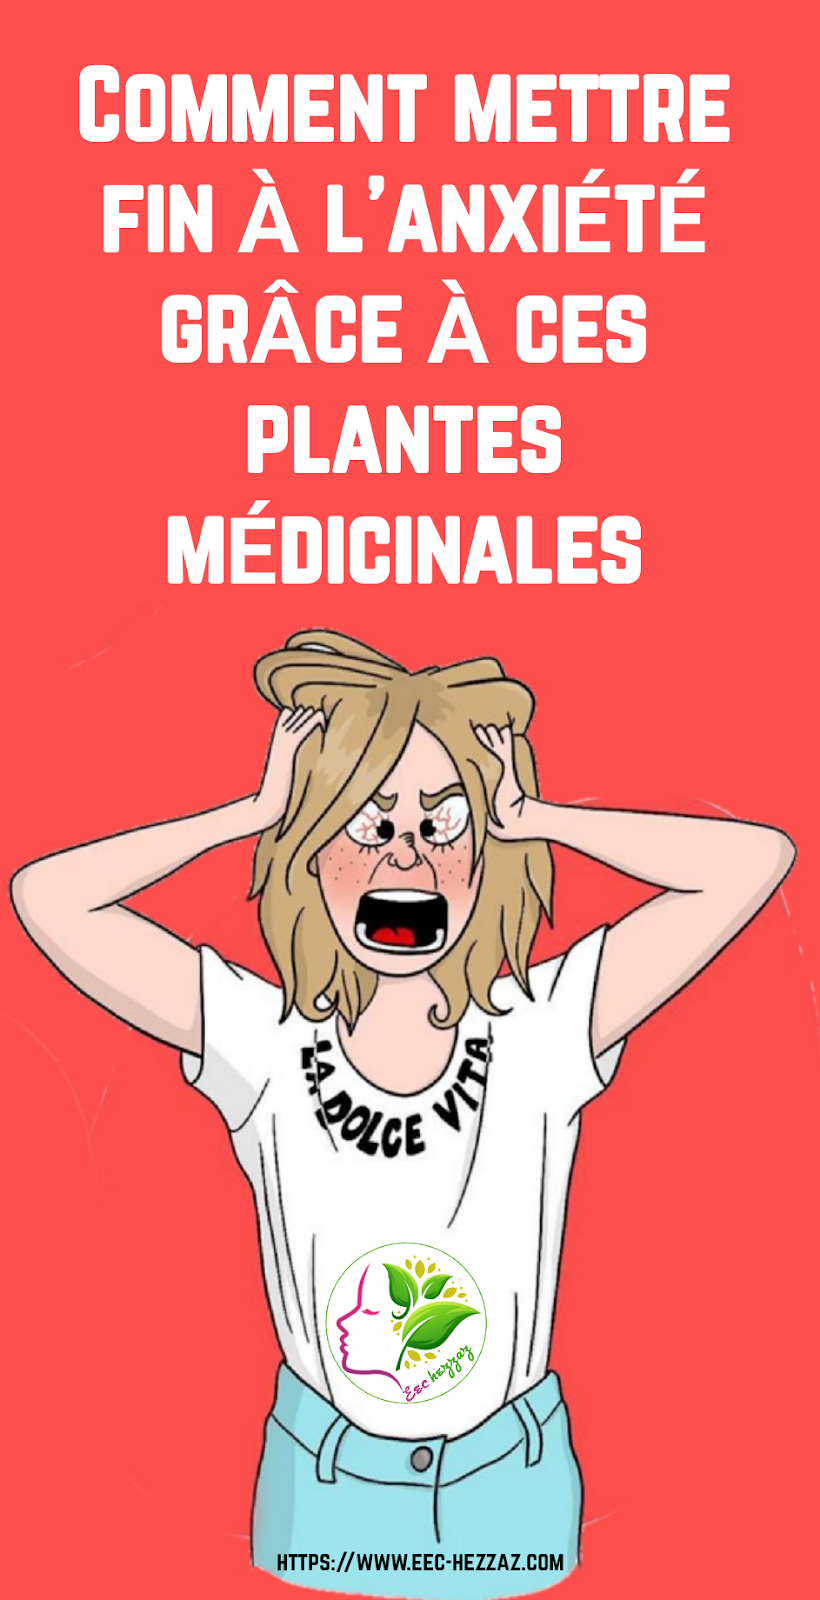 Comment mettre fin à l'anxiété grâce à ces plantes médicinales